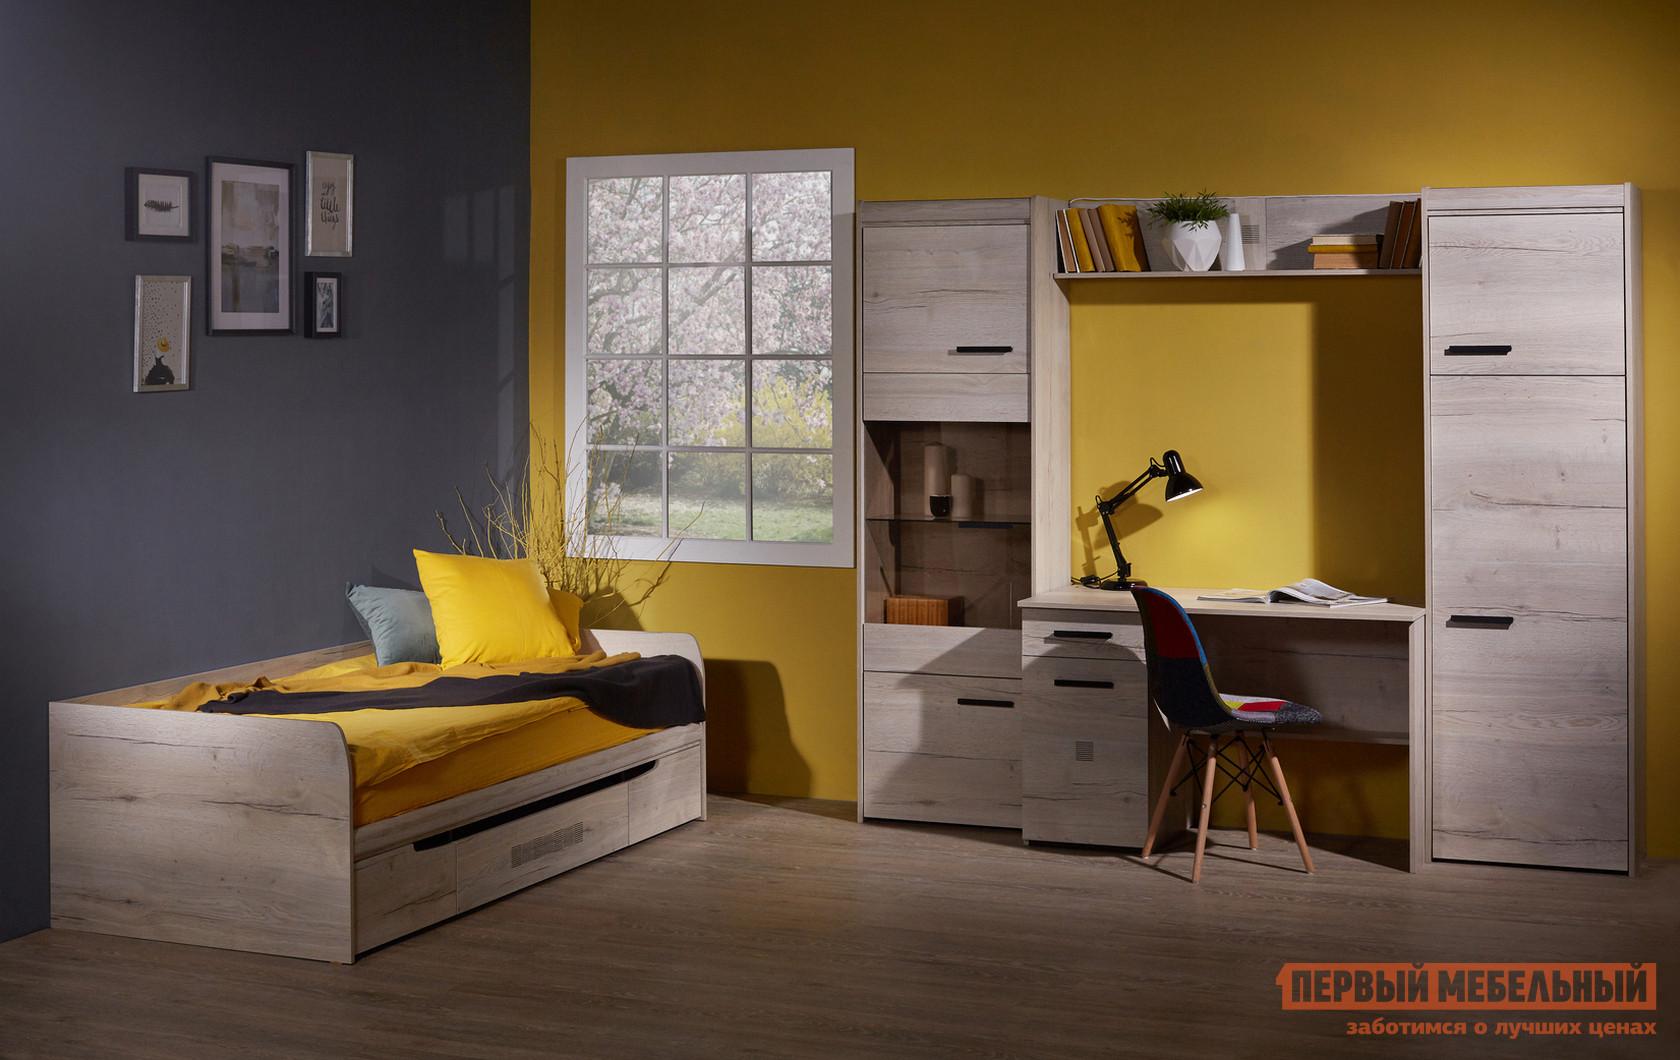 Комплект детской мебели Первый Мебельный Мале К4